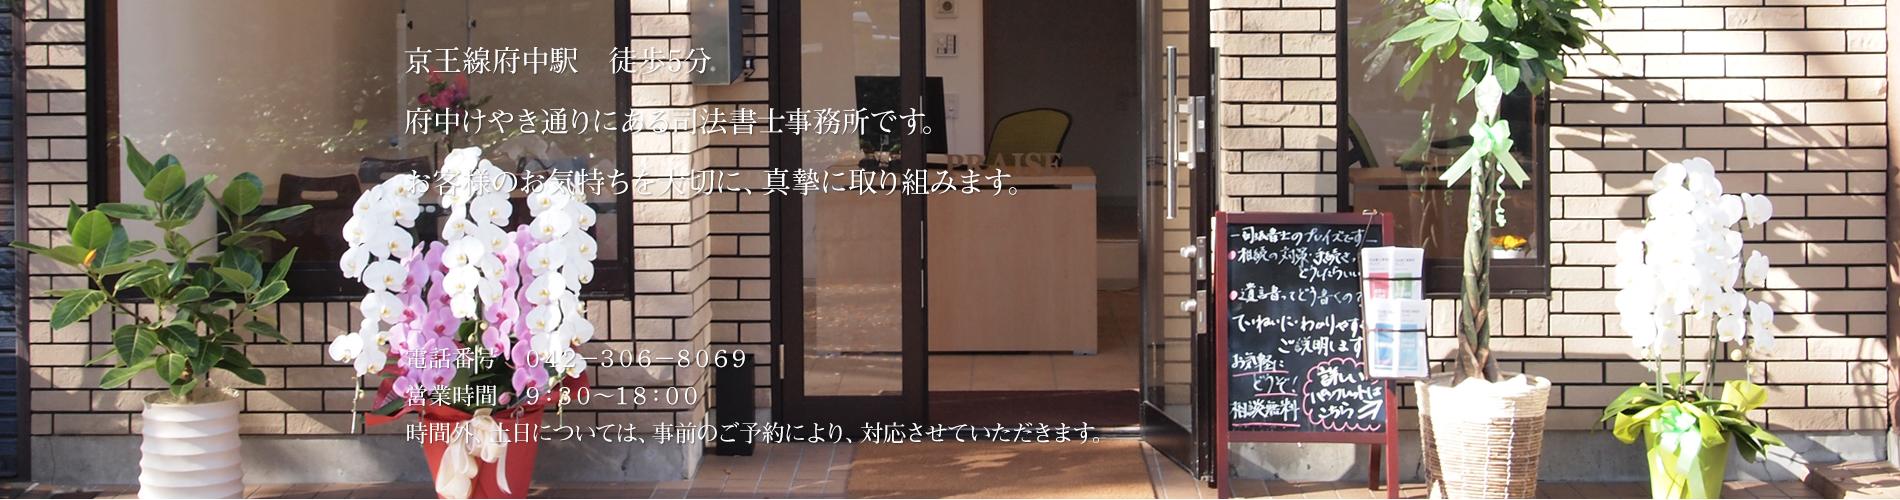 府中や調布をはじめ、東京・関東の相続対策なら、【司法書士プレイズ】